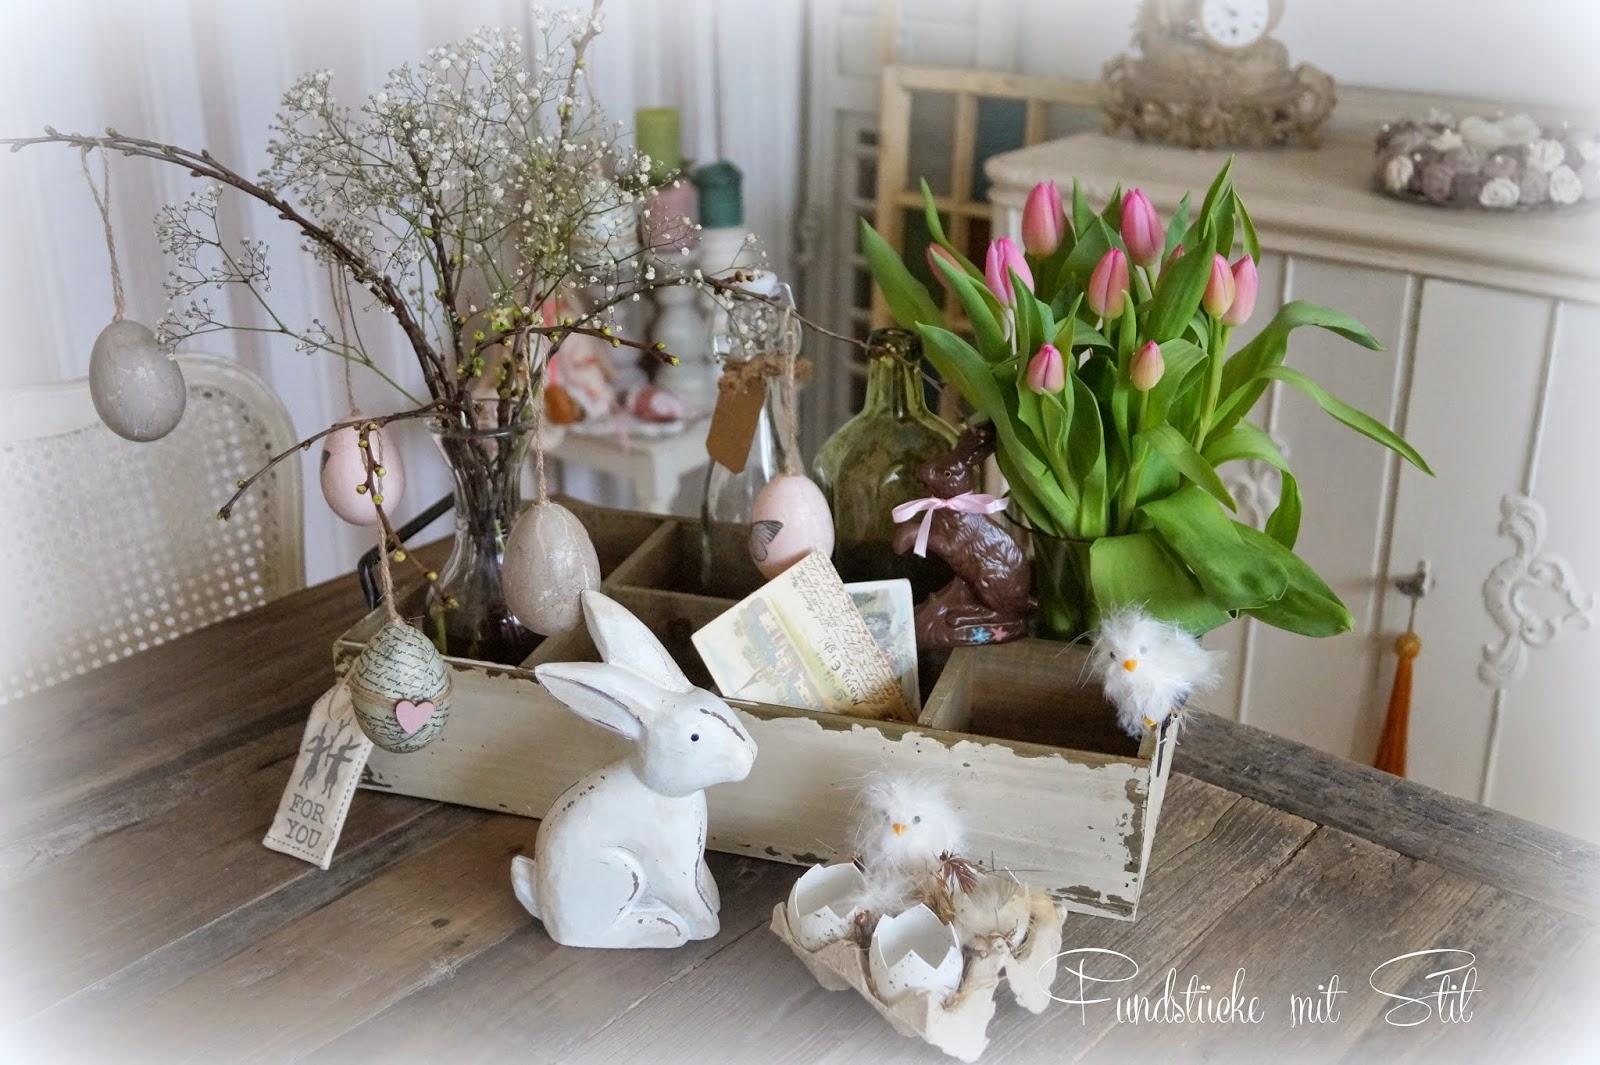 Fundst cke mit stil oster dekoration deko donnerstag - Osterdekoration ideen ...